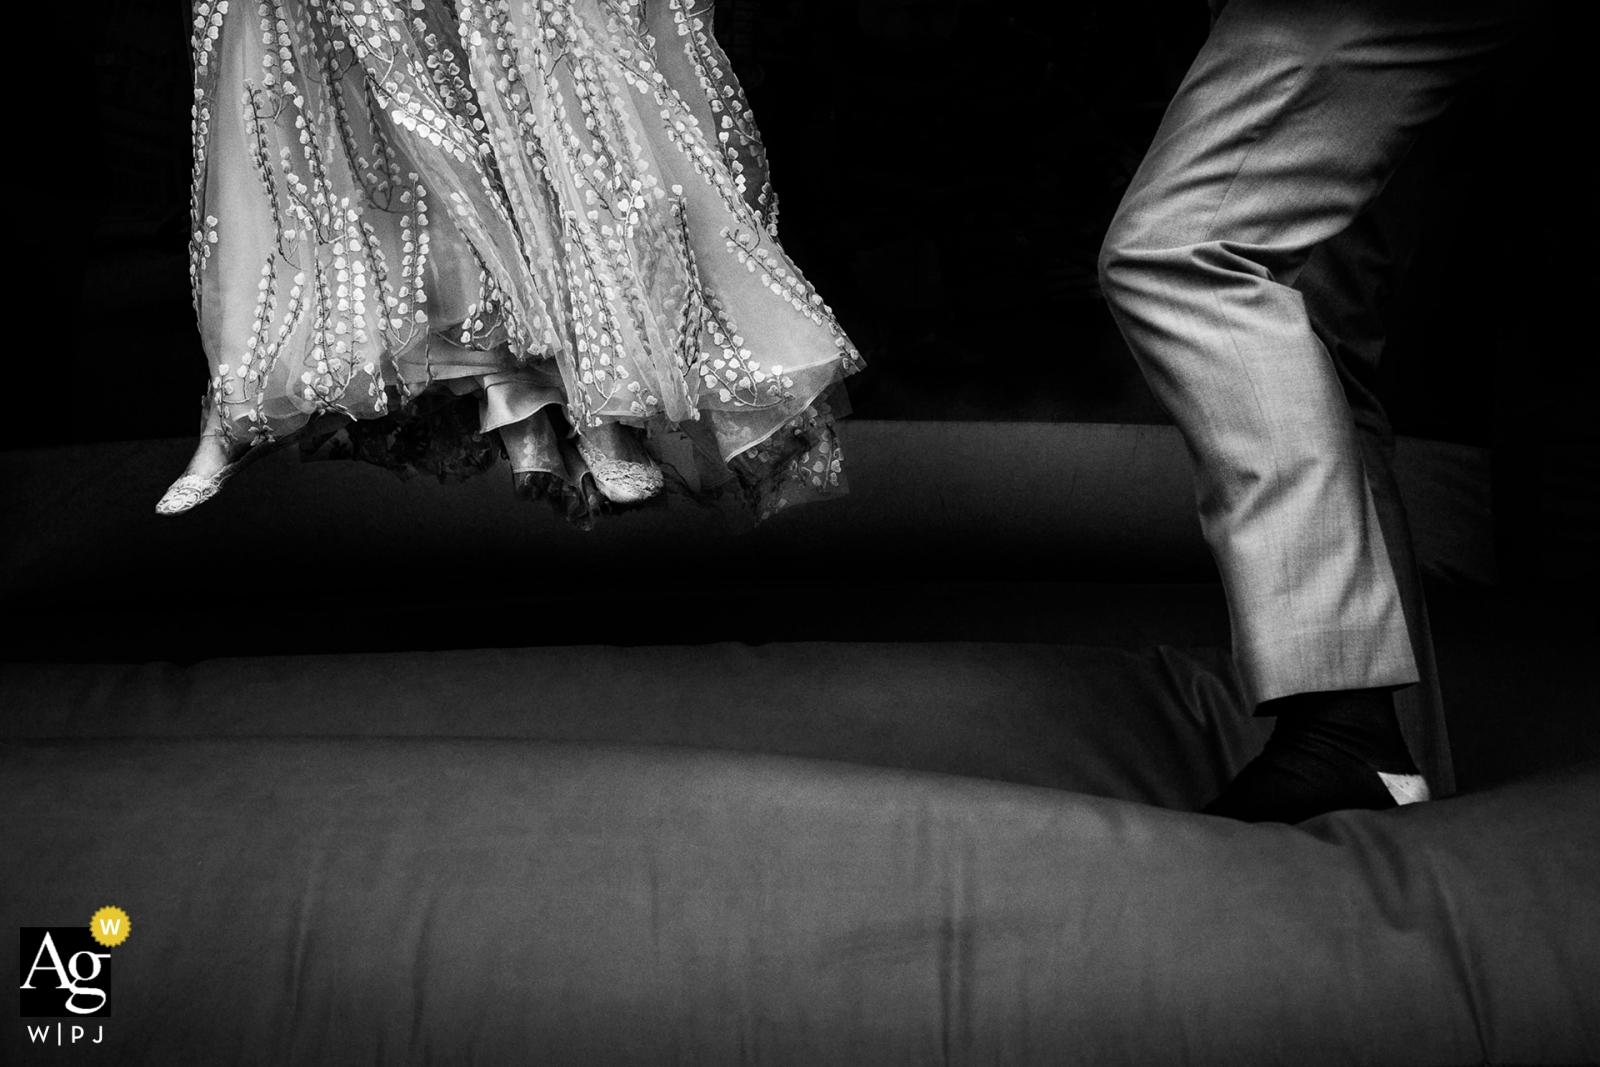 Linkes Ufer, Leeds Hochzeitsfotograf | Springende Sitzung der Hochzeitstag-Hüpfburg für die Braut und den Bräutigam